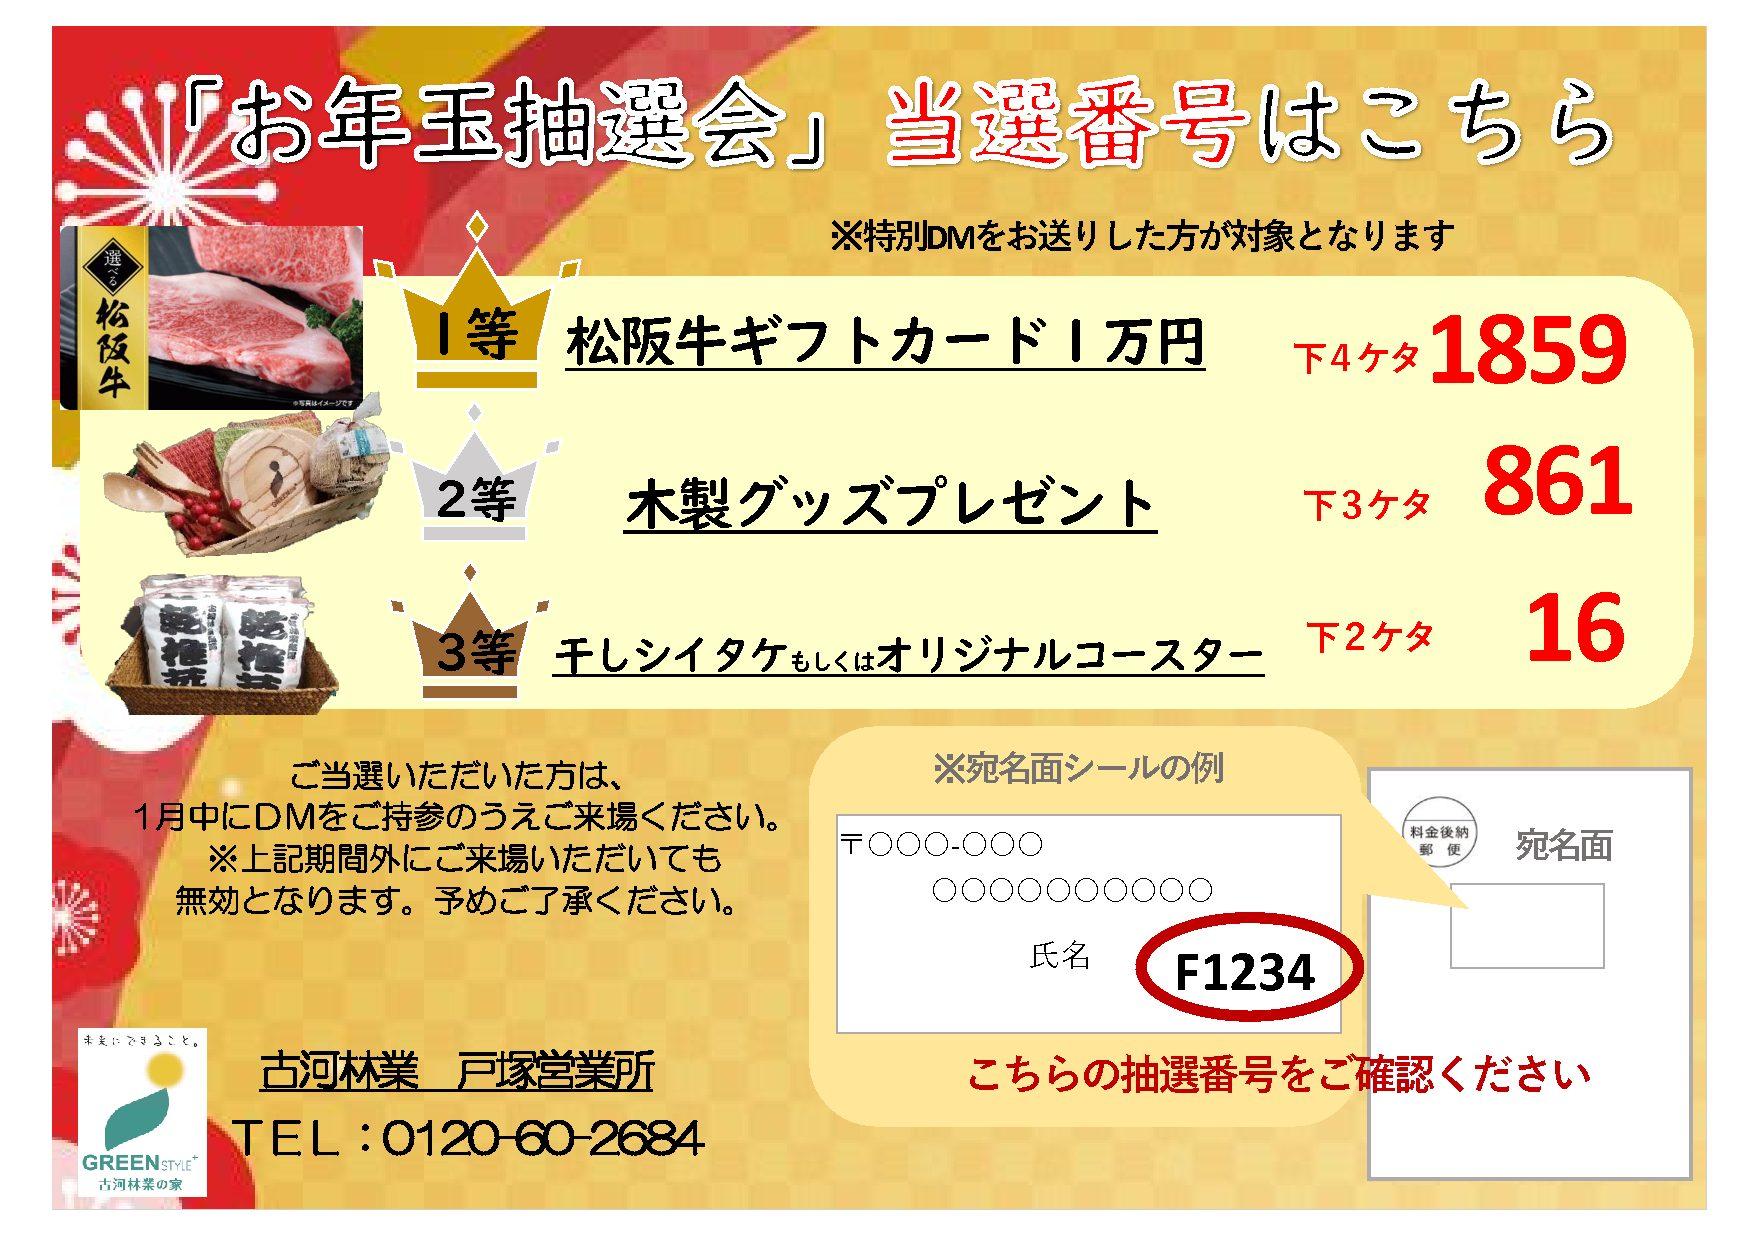 お年玉抽選会当選番号発表【戸塚】